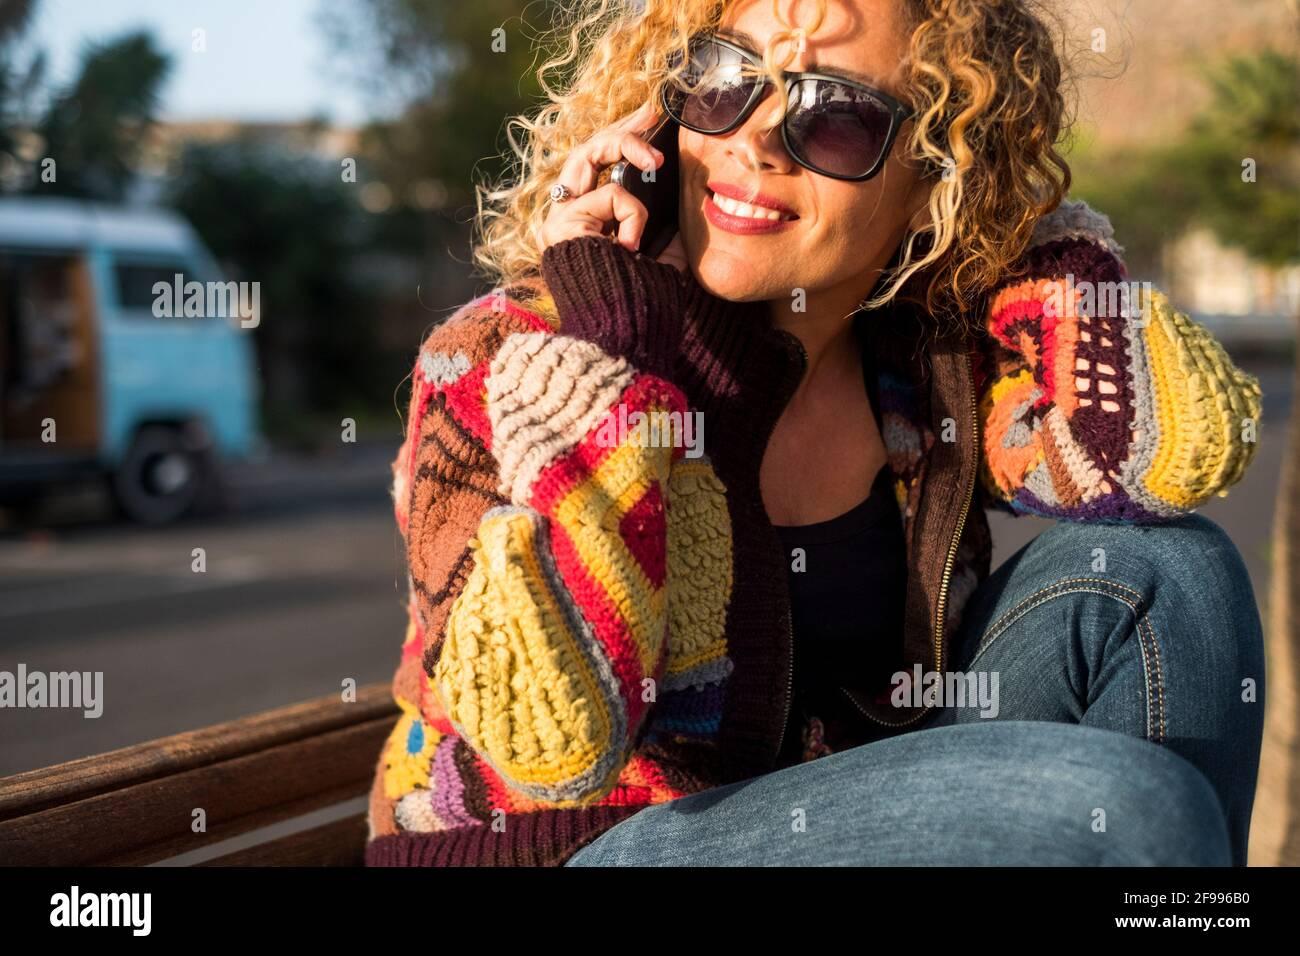 Ritratto di allegra felice bella donna che fa la telefonata dentro giornata di sole attività di svago all'aperto da sola - concetto di gioiosa bella donna in estate primavera stile di vita sorridente Foto Stock